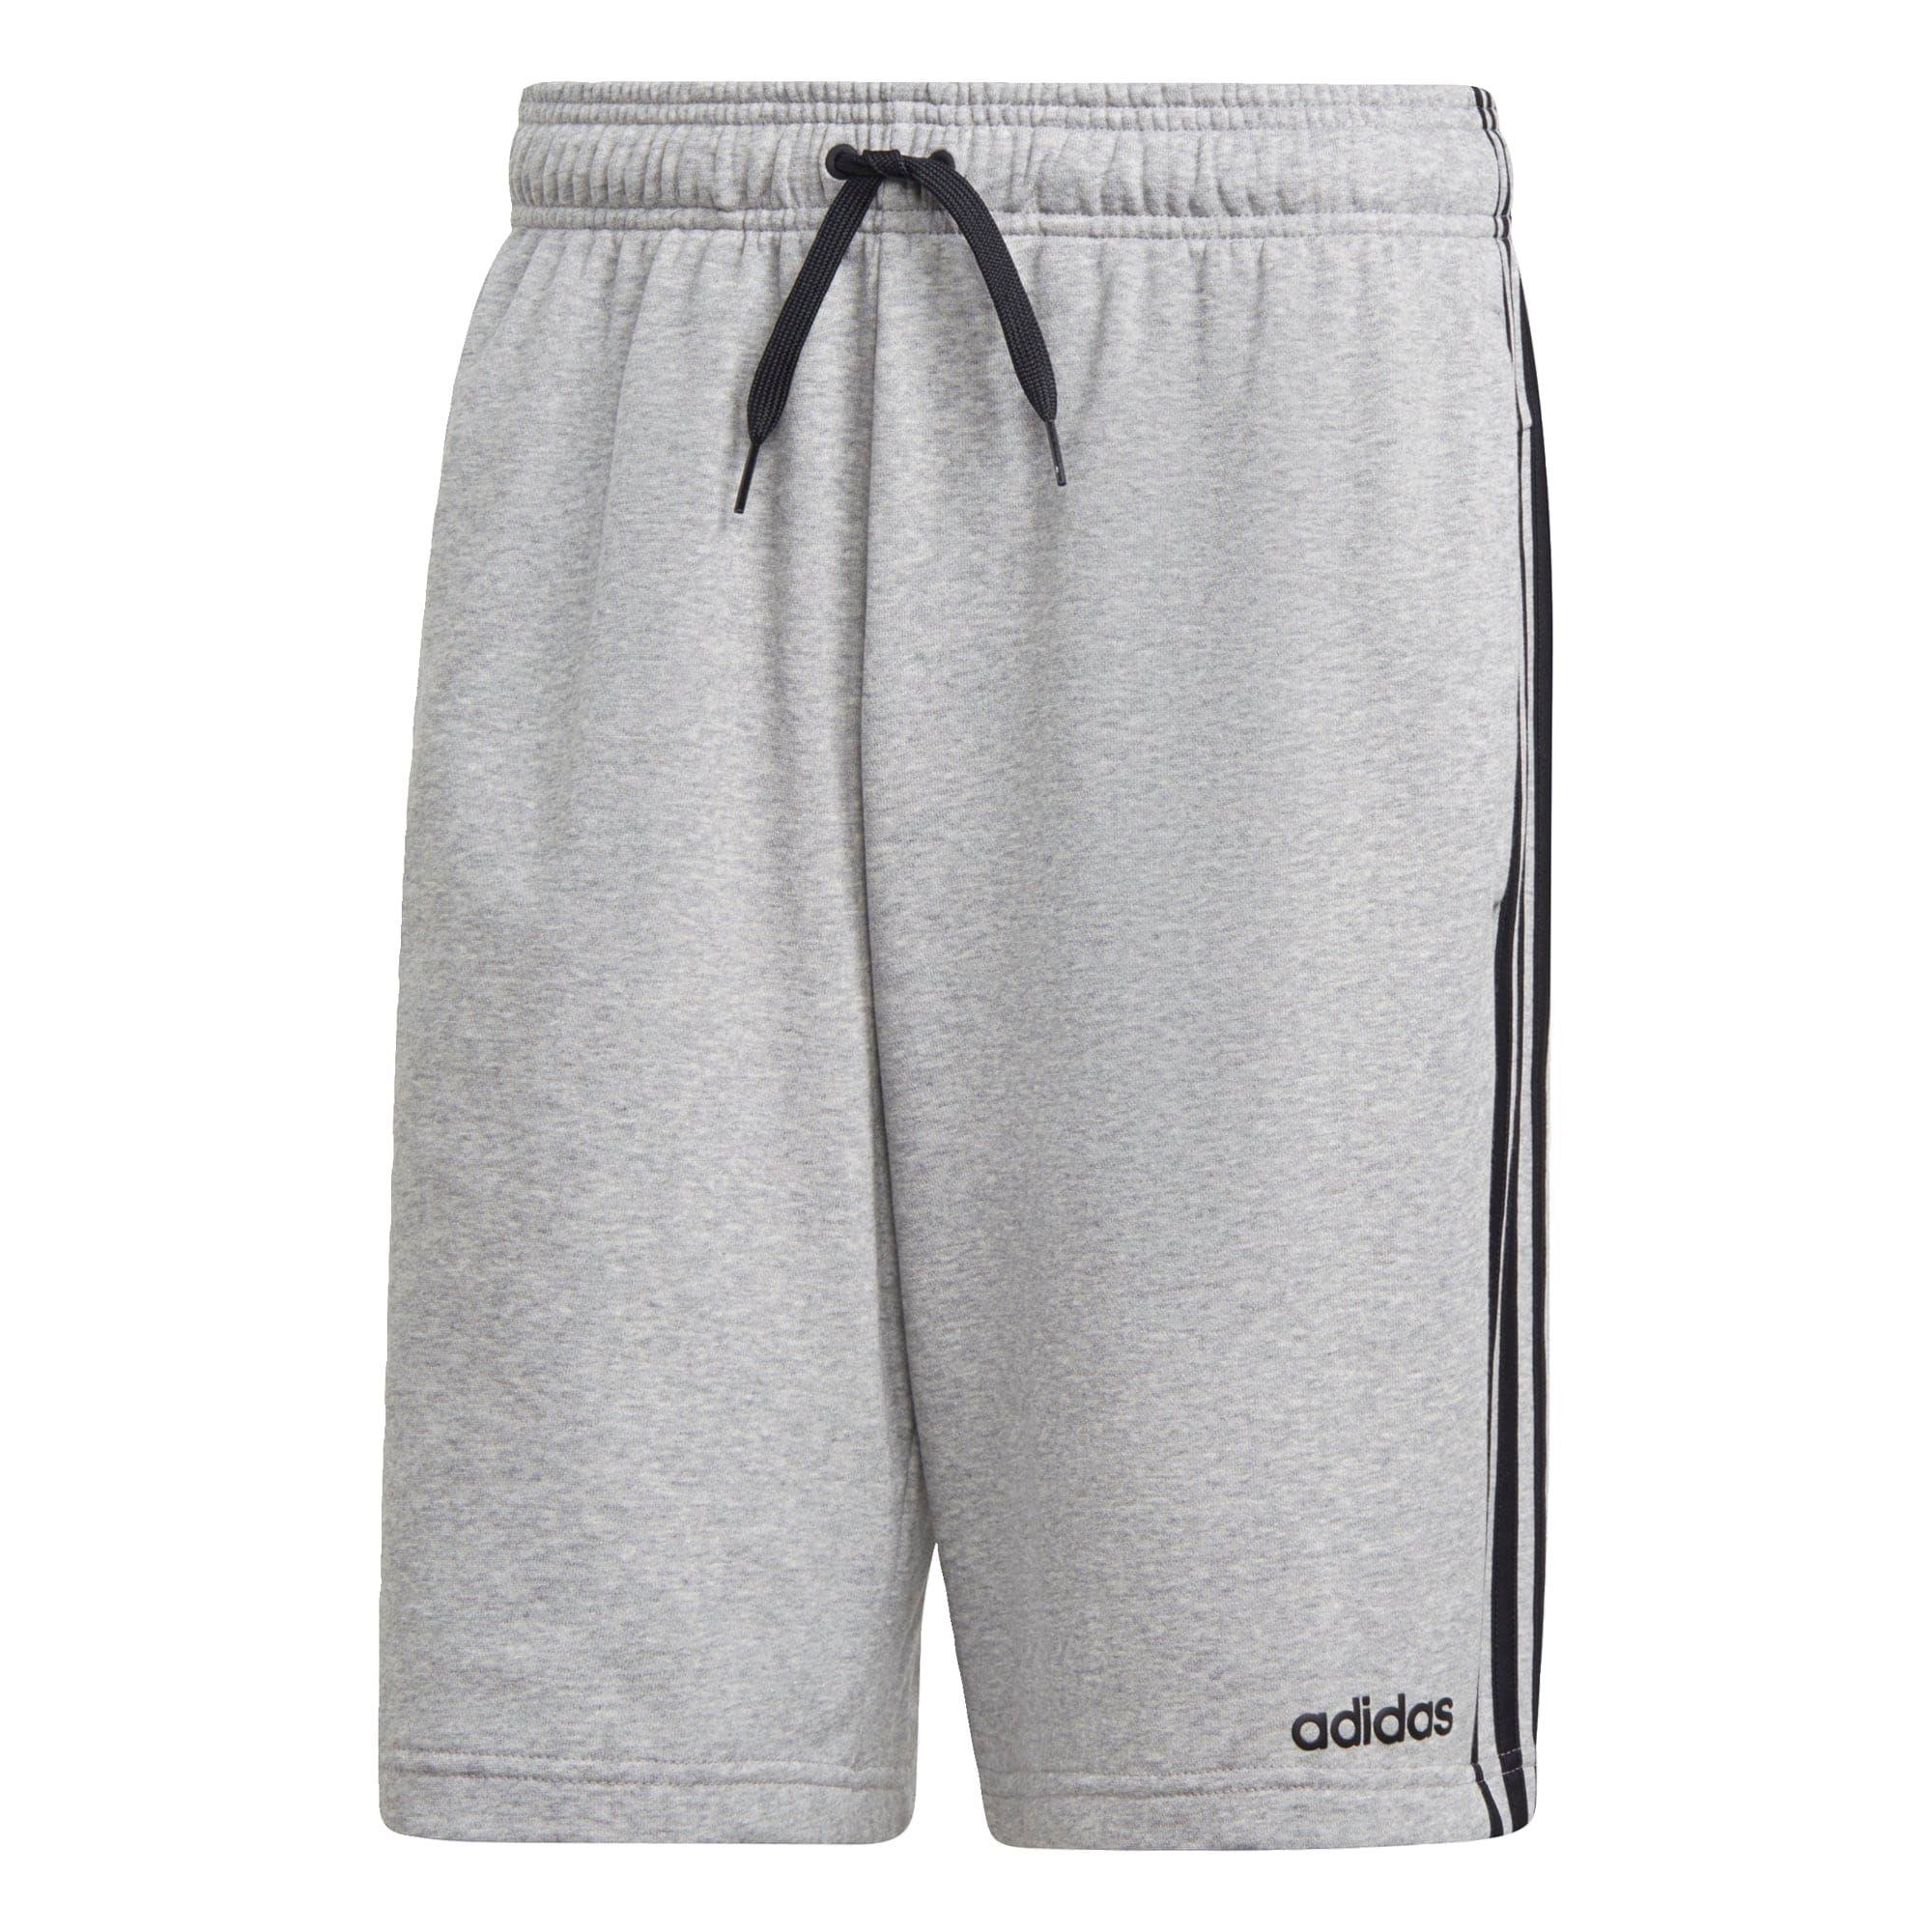 adidas shorts herren baumwolle